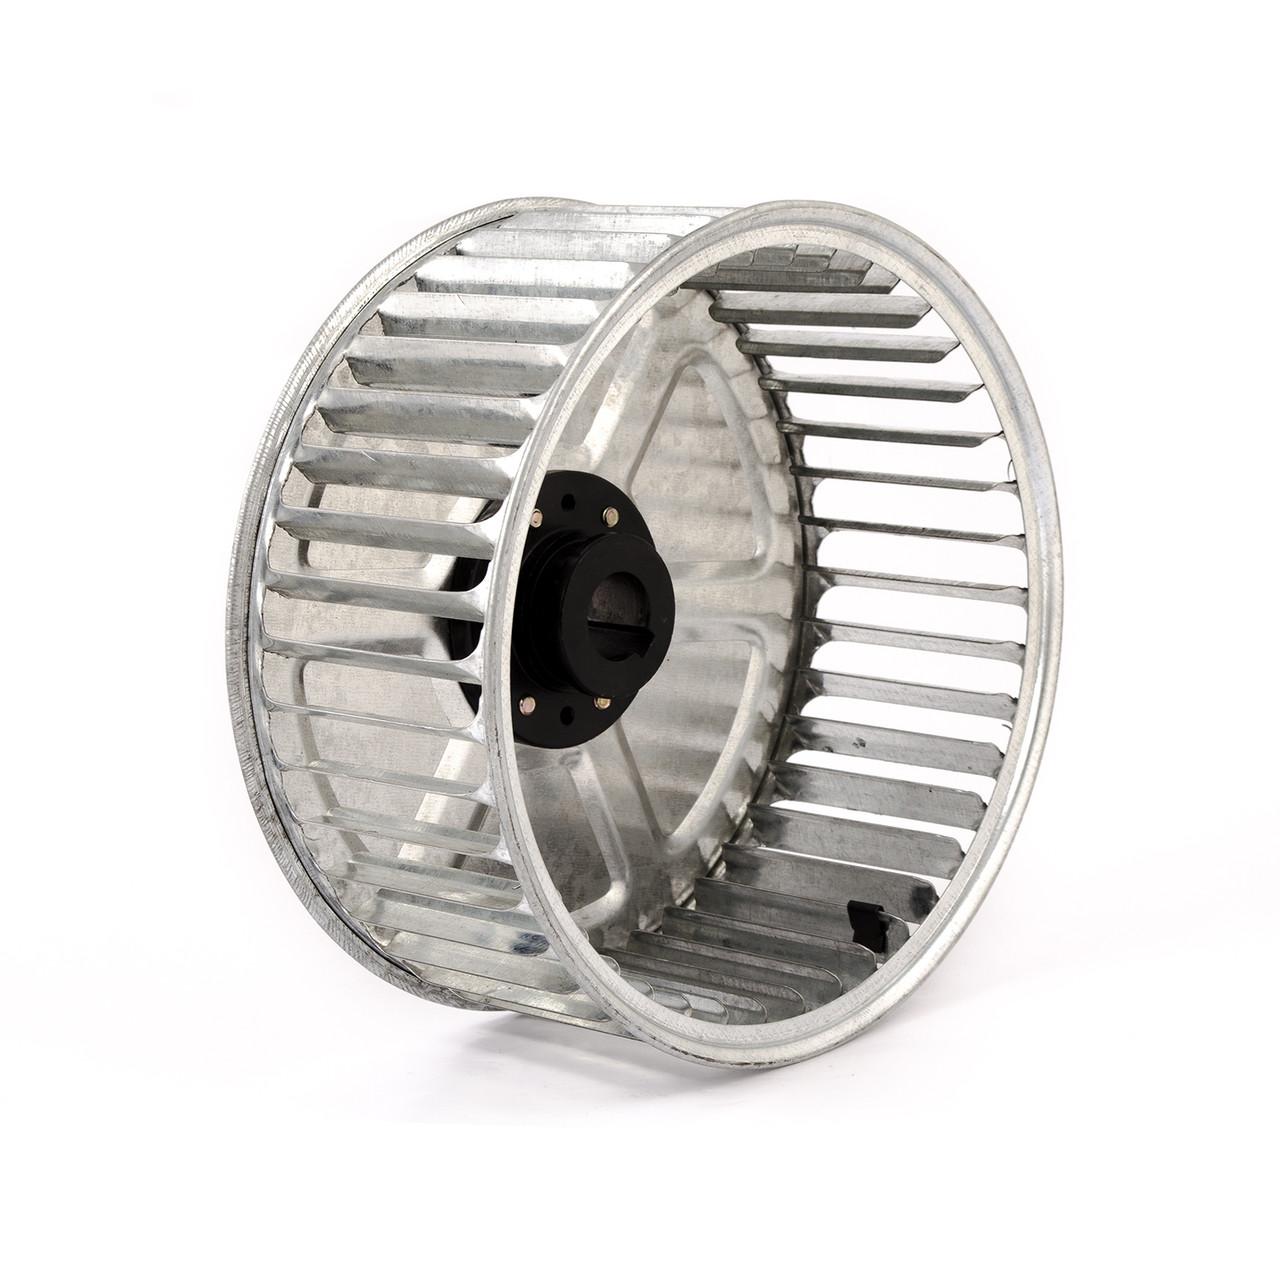 Крыльчатка для центробежного вентилятора 300